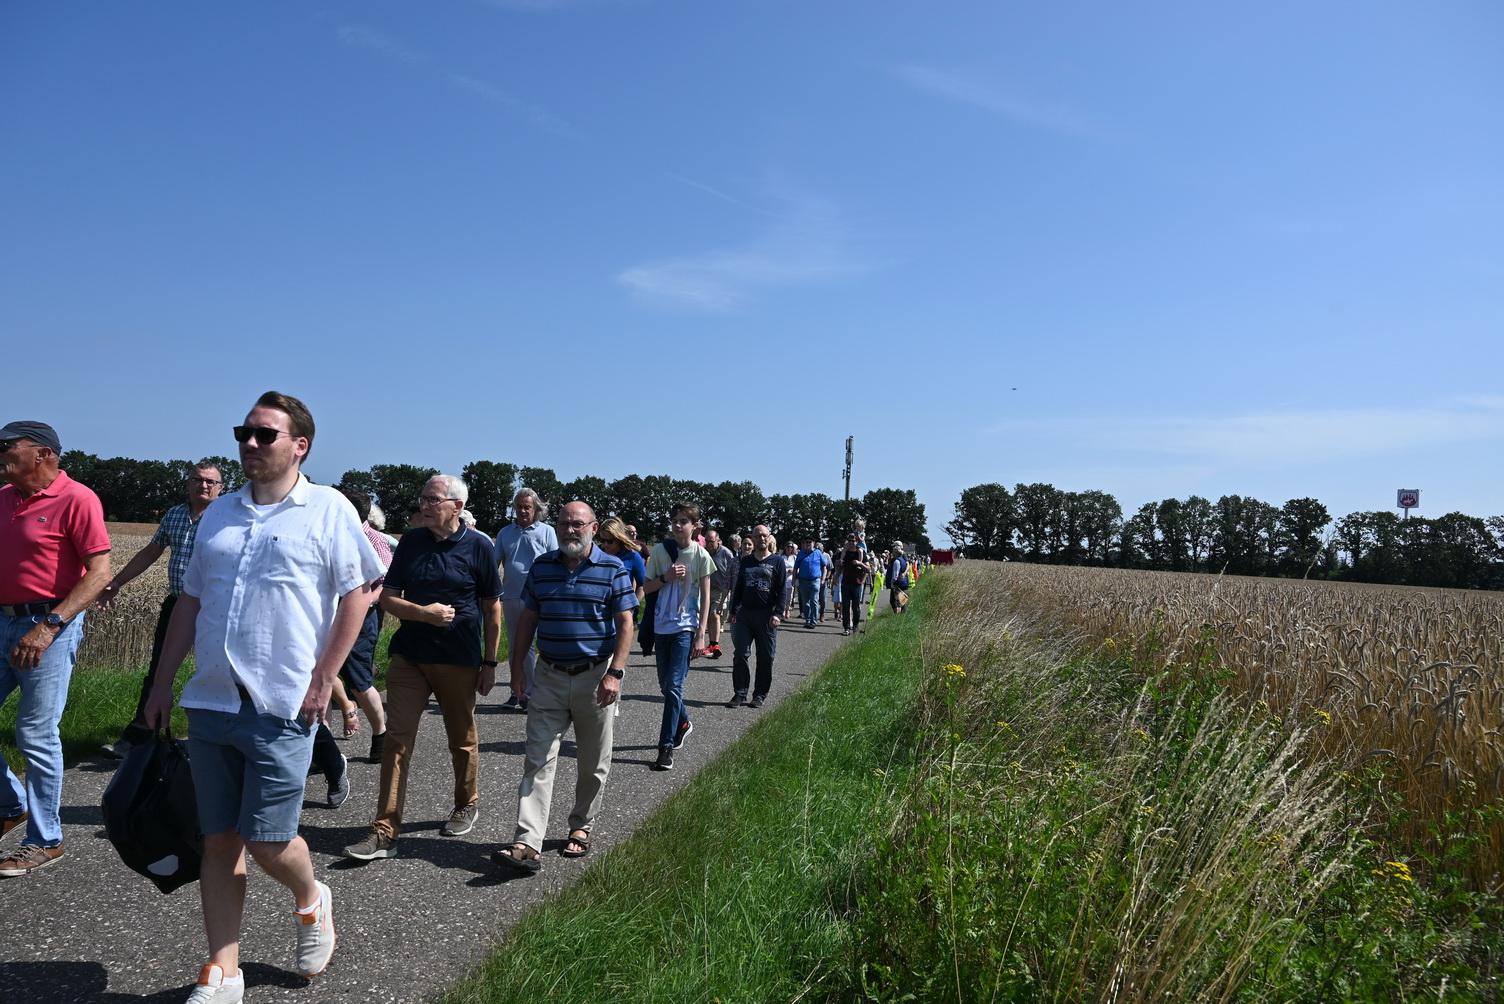 Spaziergang am 19.07.2021 zum Plangebiet mit 200 Bürgern und Ratsmitgliedern